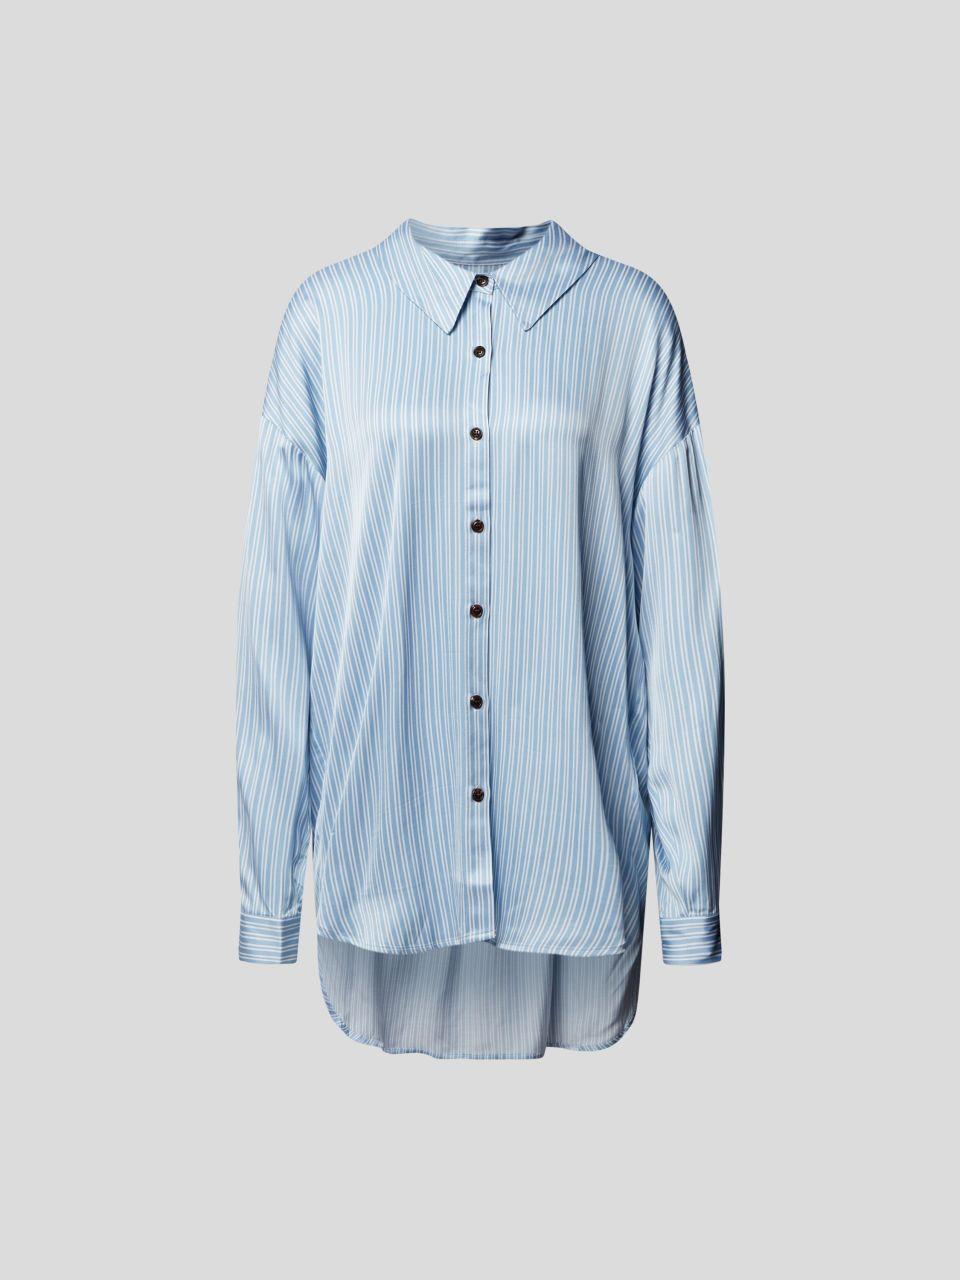 Bluse im Vokuhila-Stil